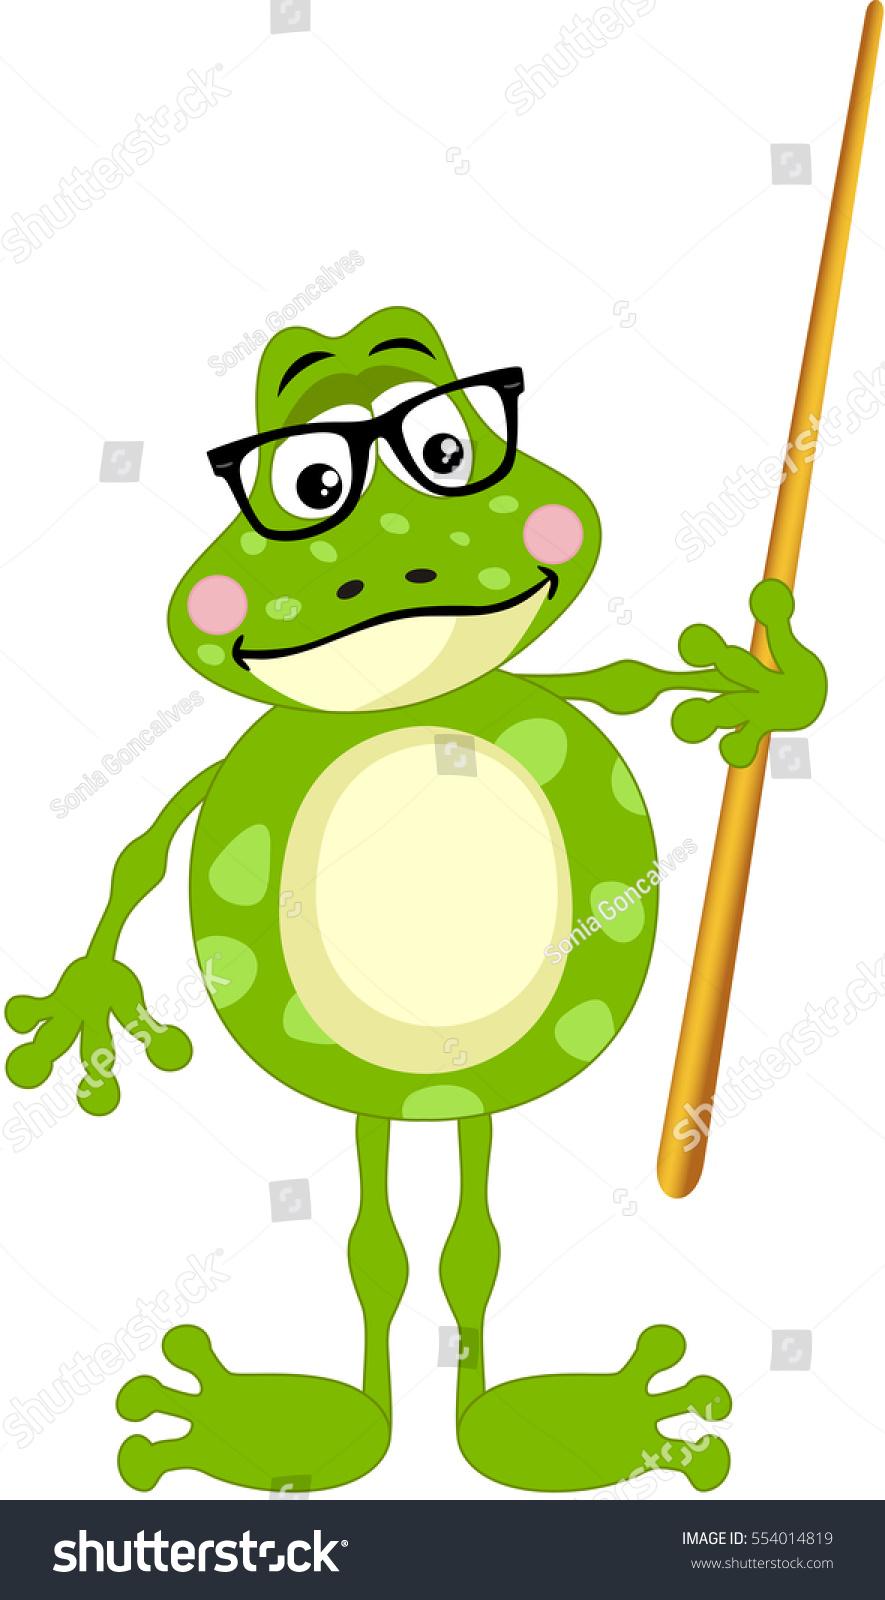 Résultats de recherche d'images pour «``frog teacher``»